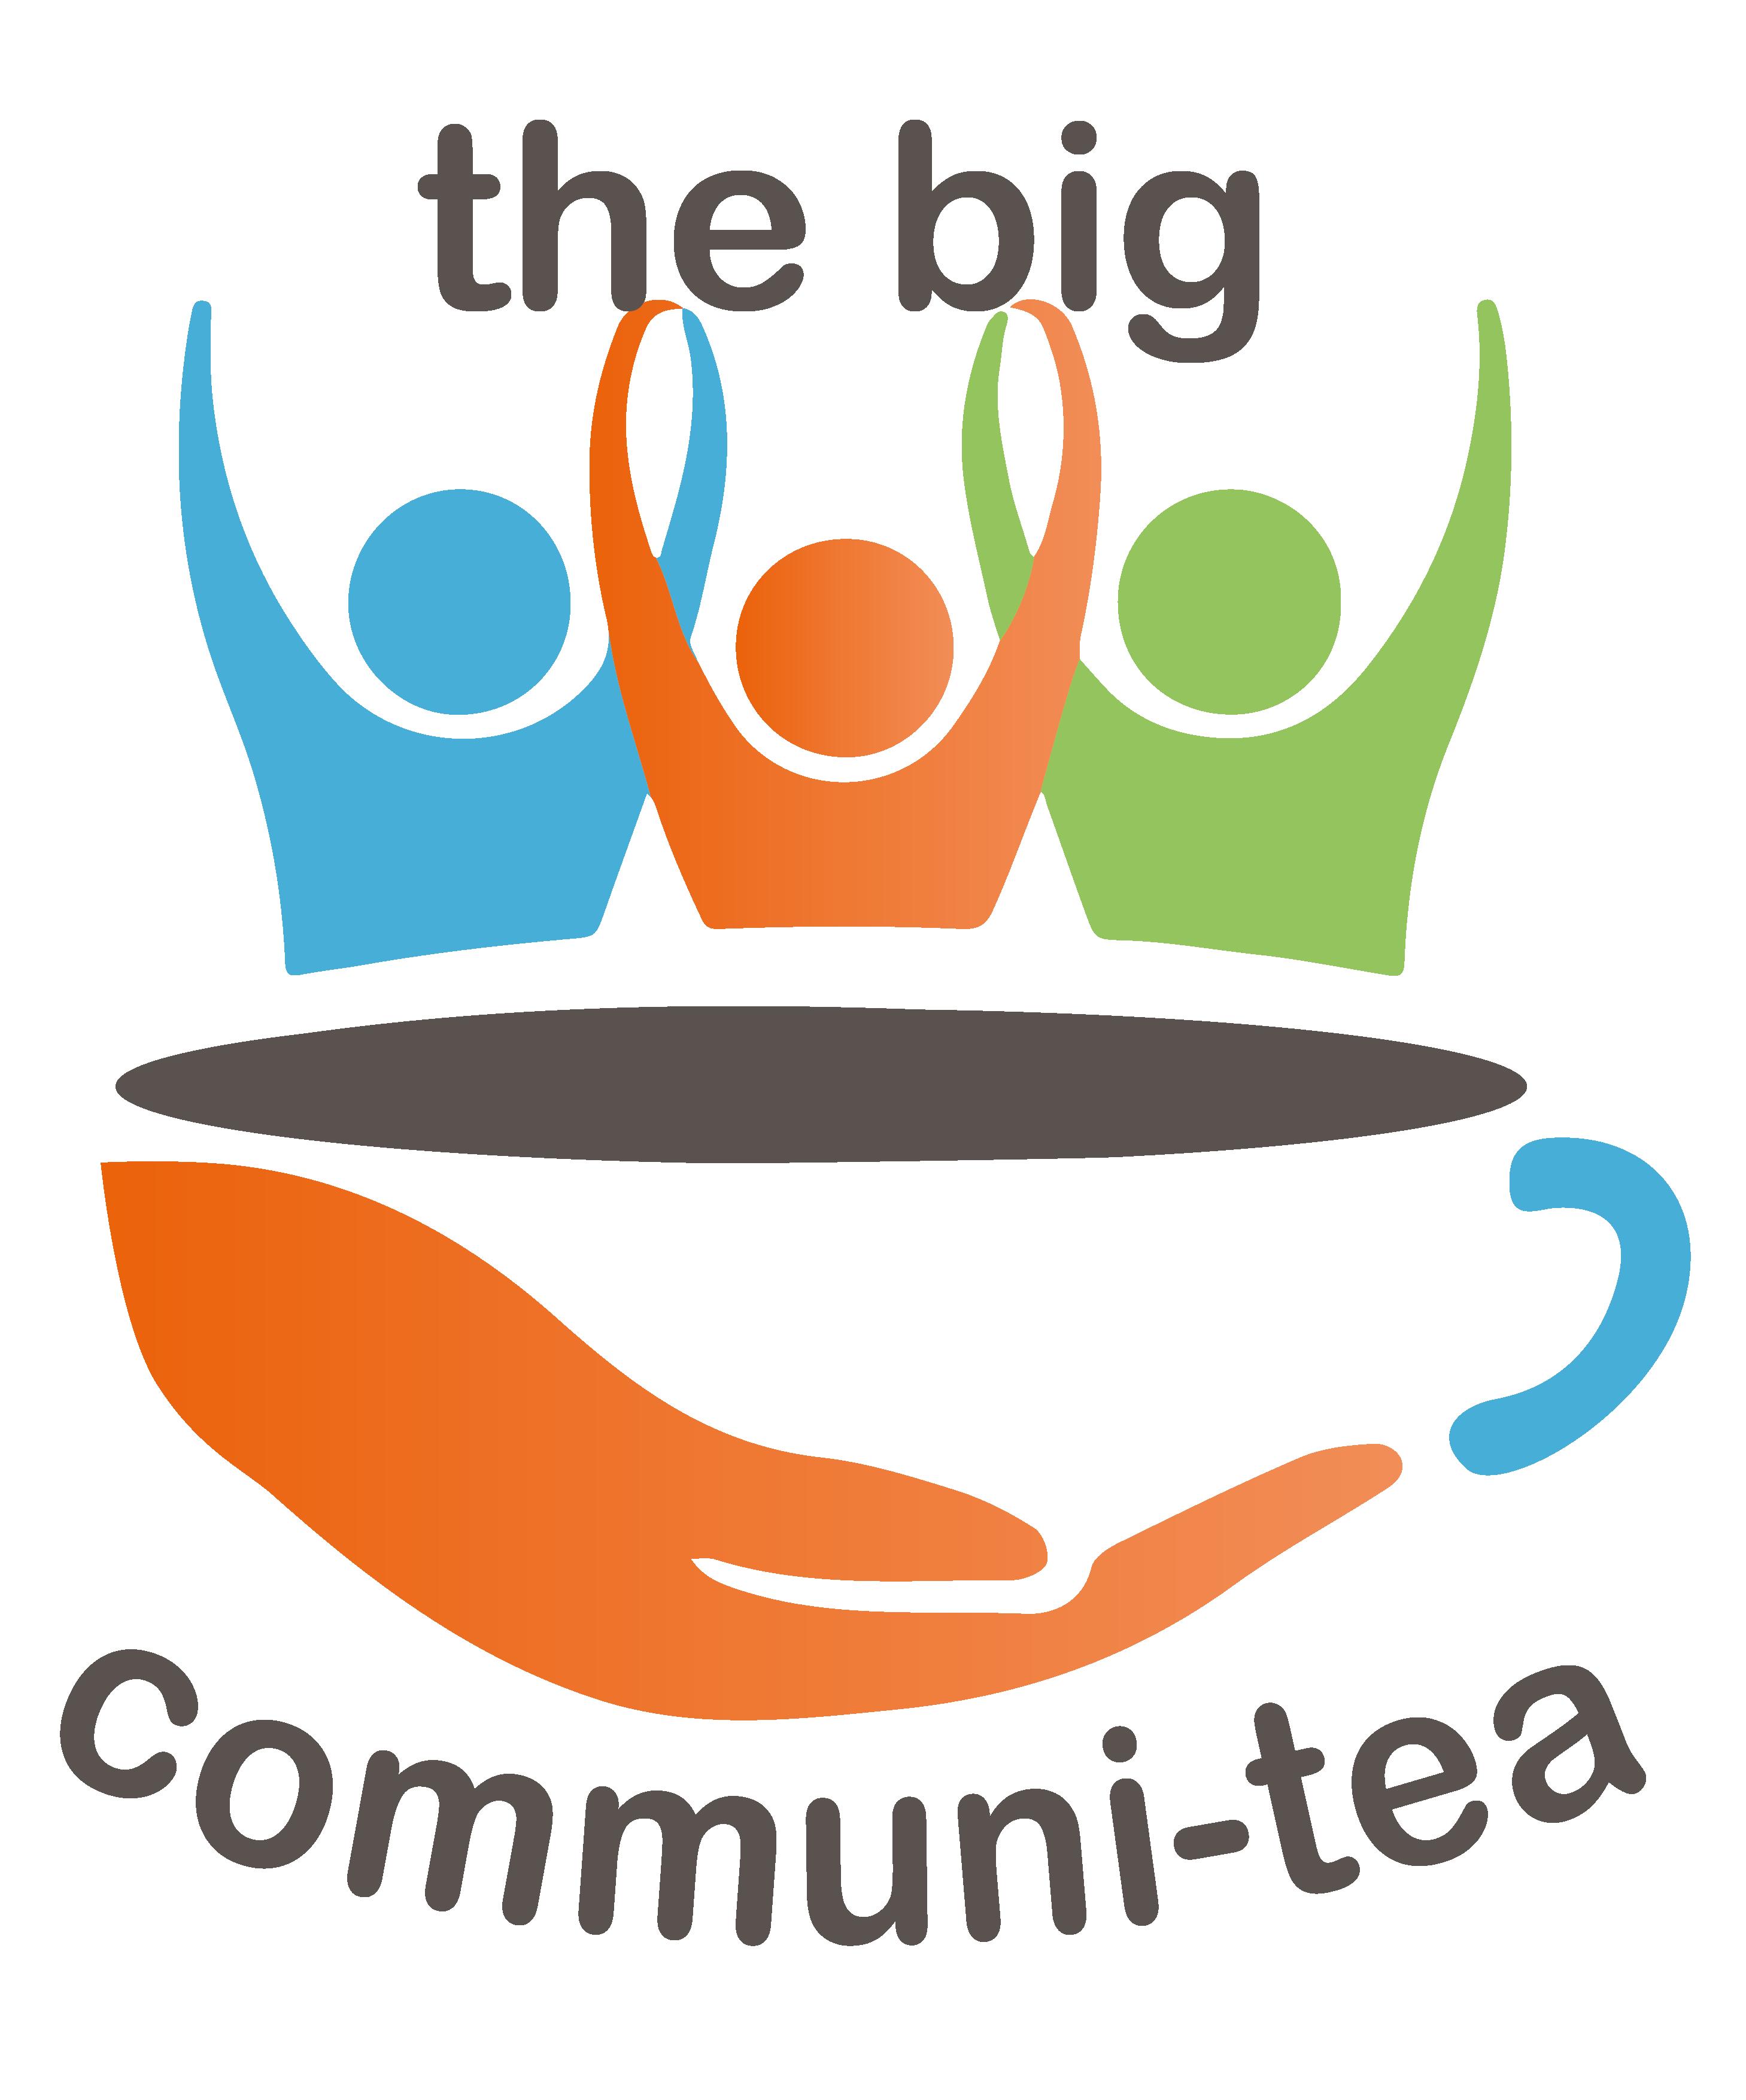 Big Communitea